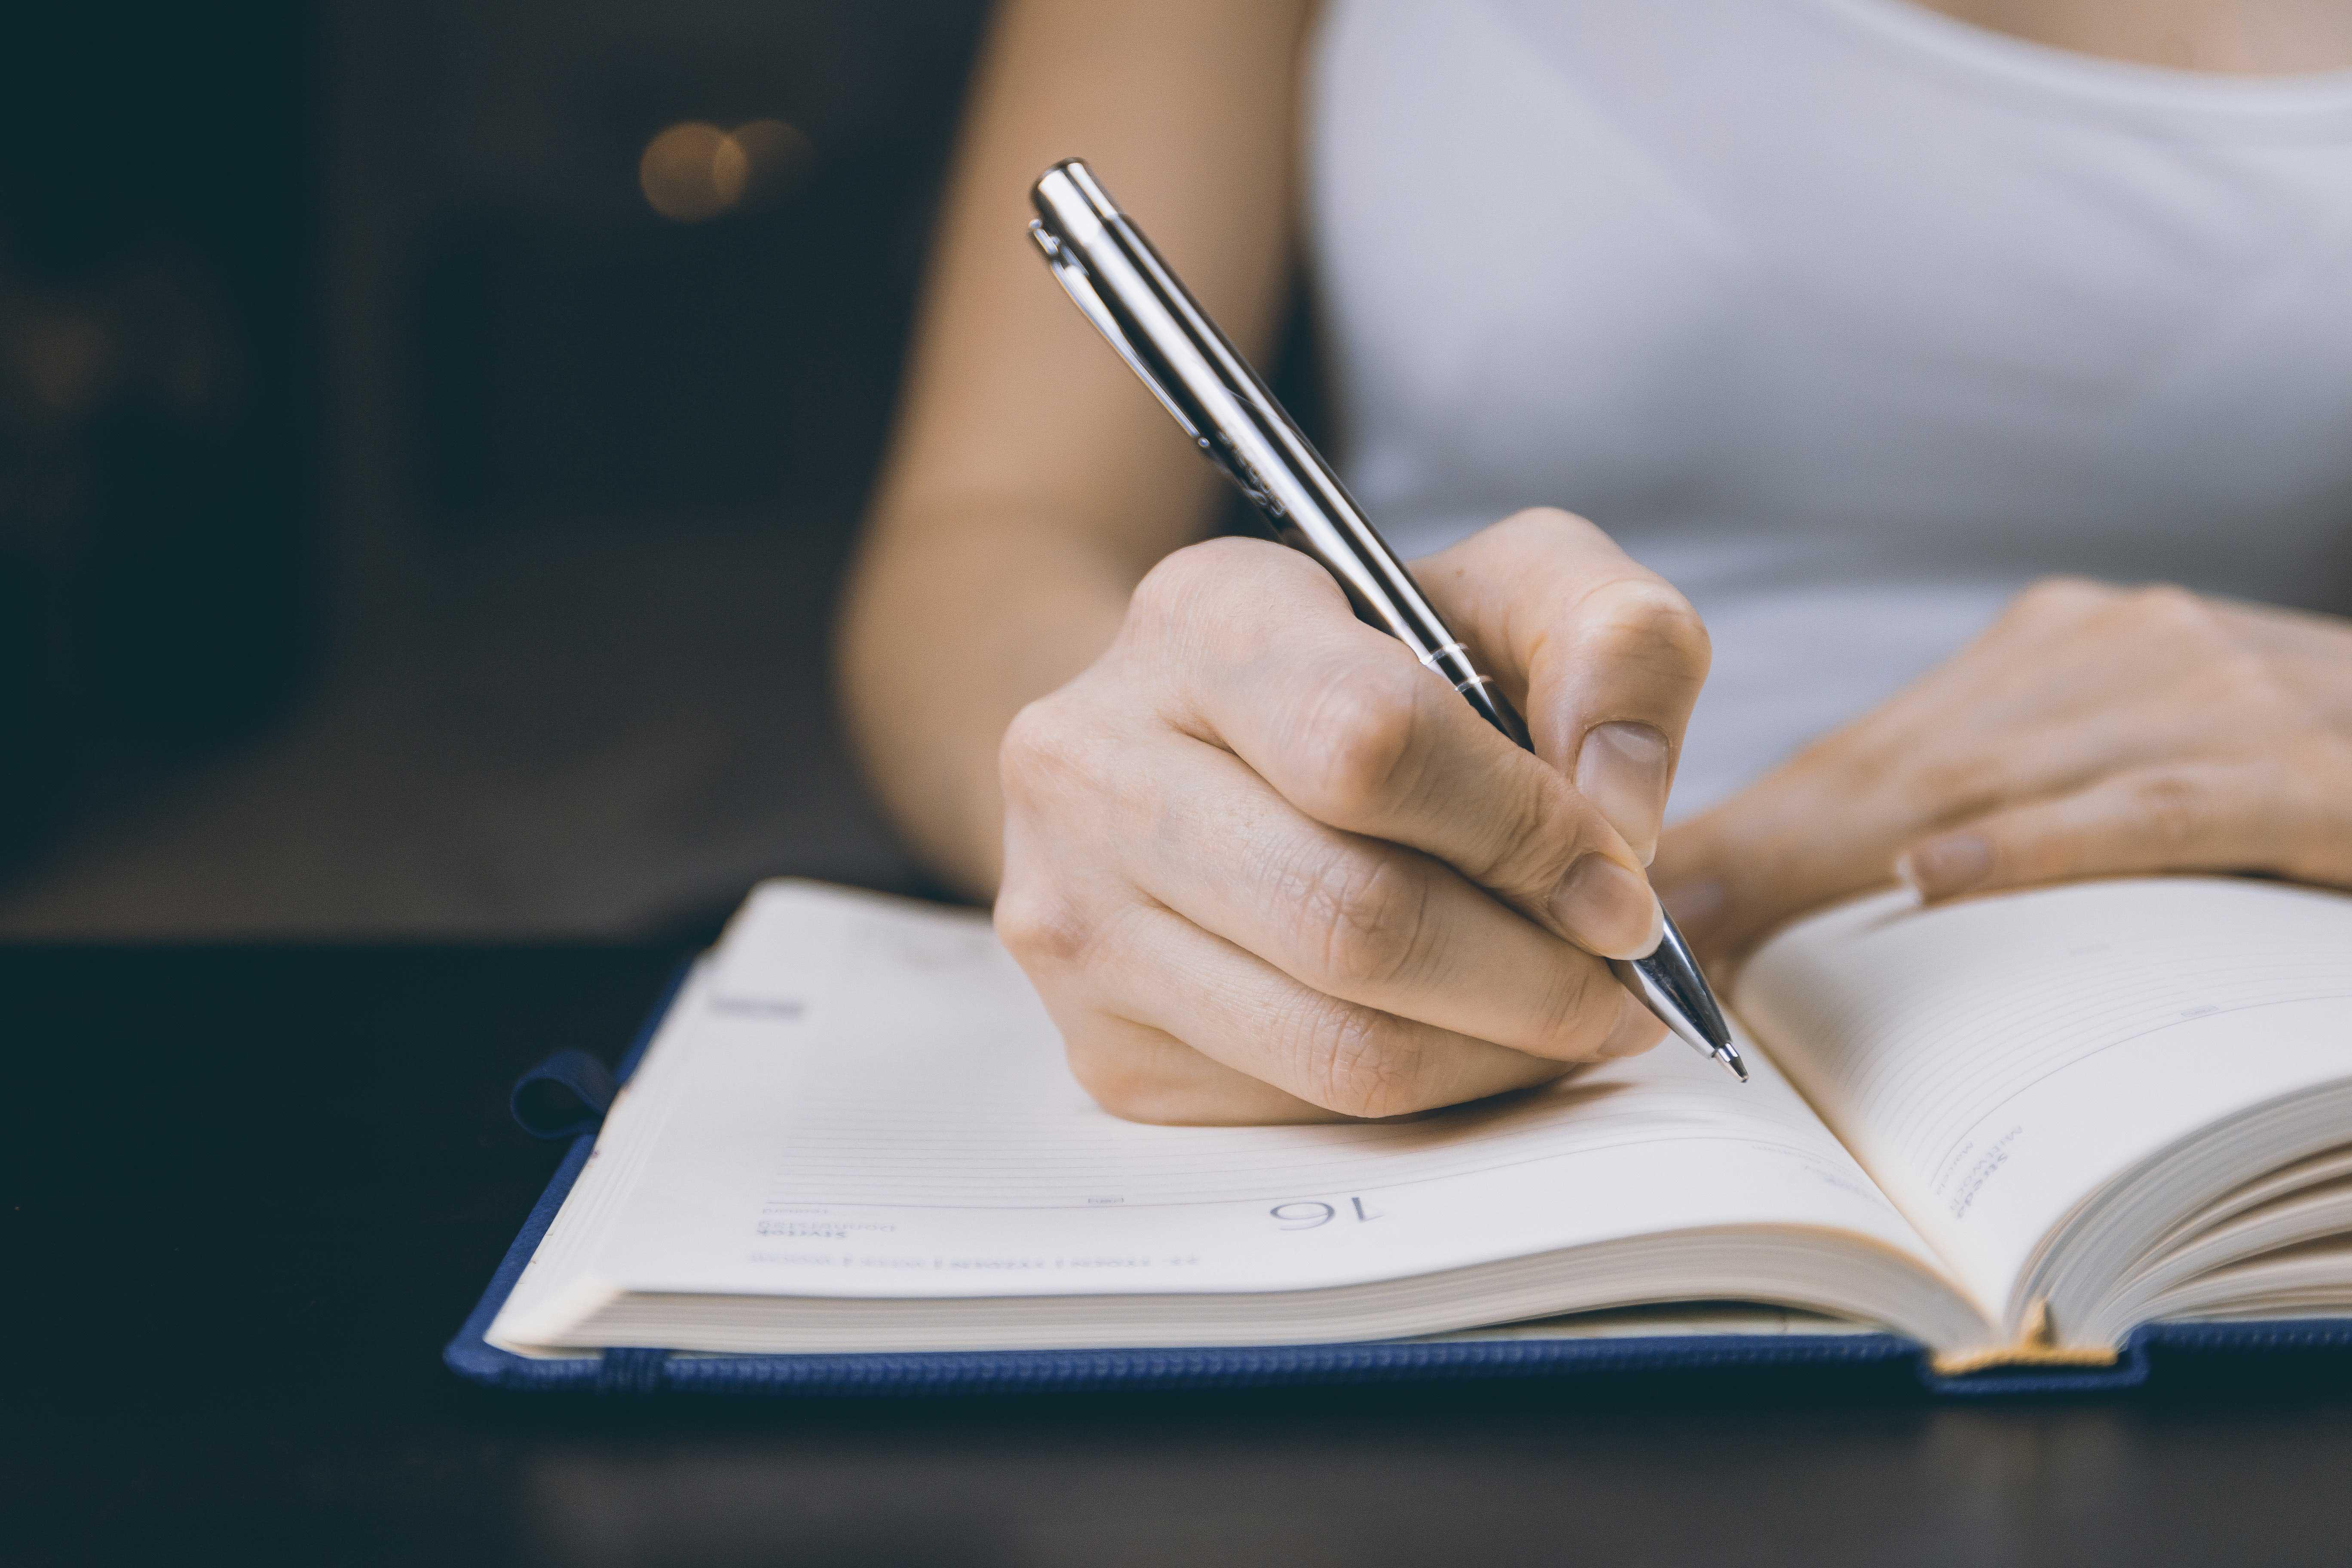 Como escrever melhor?